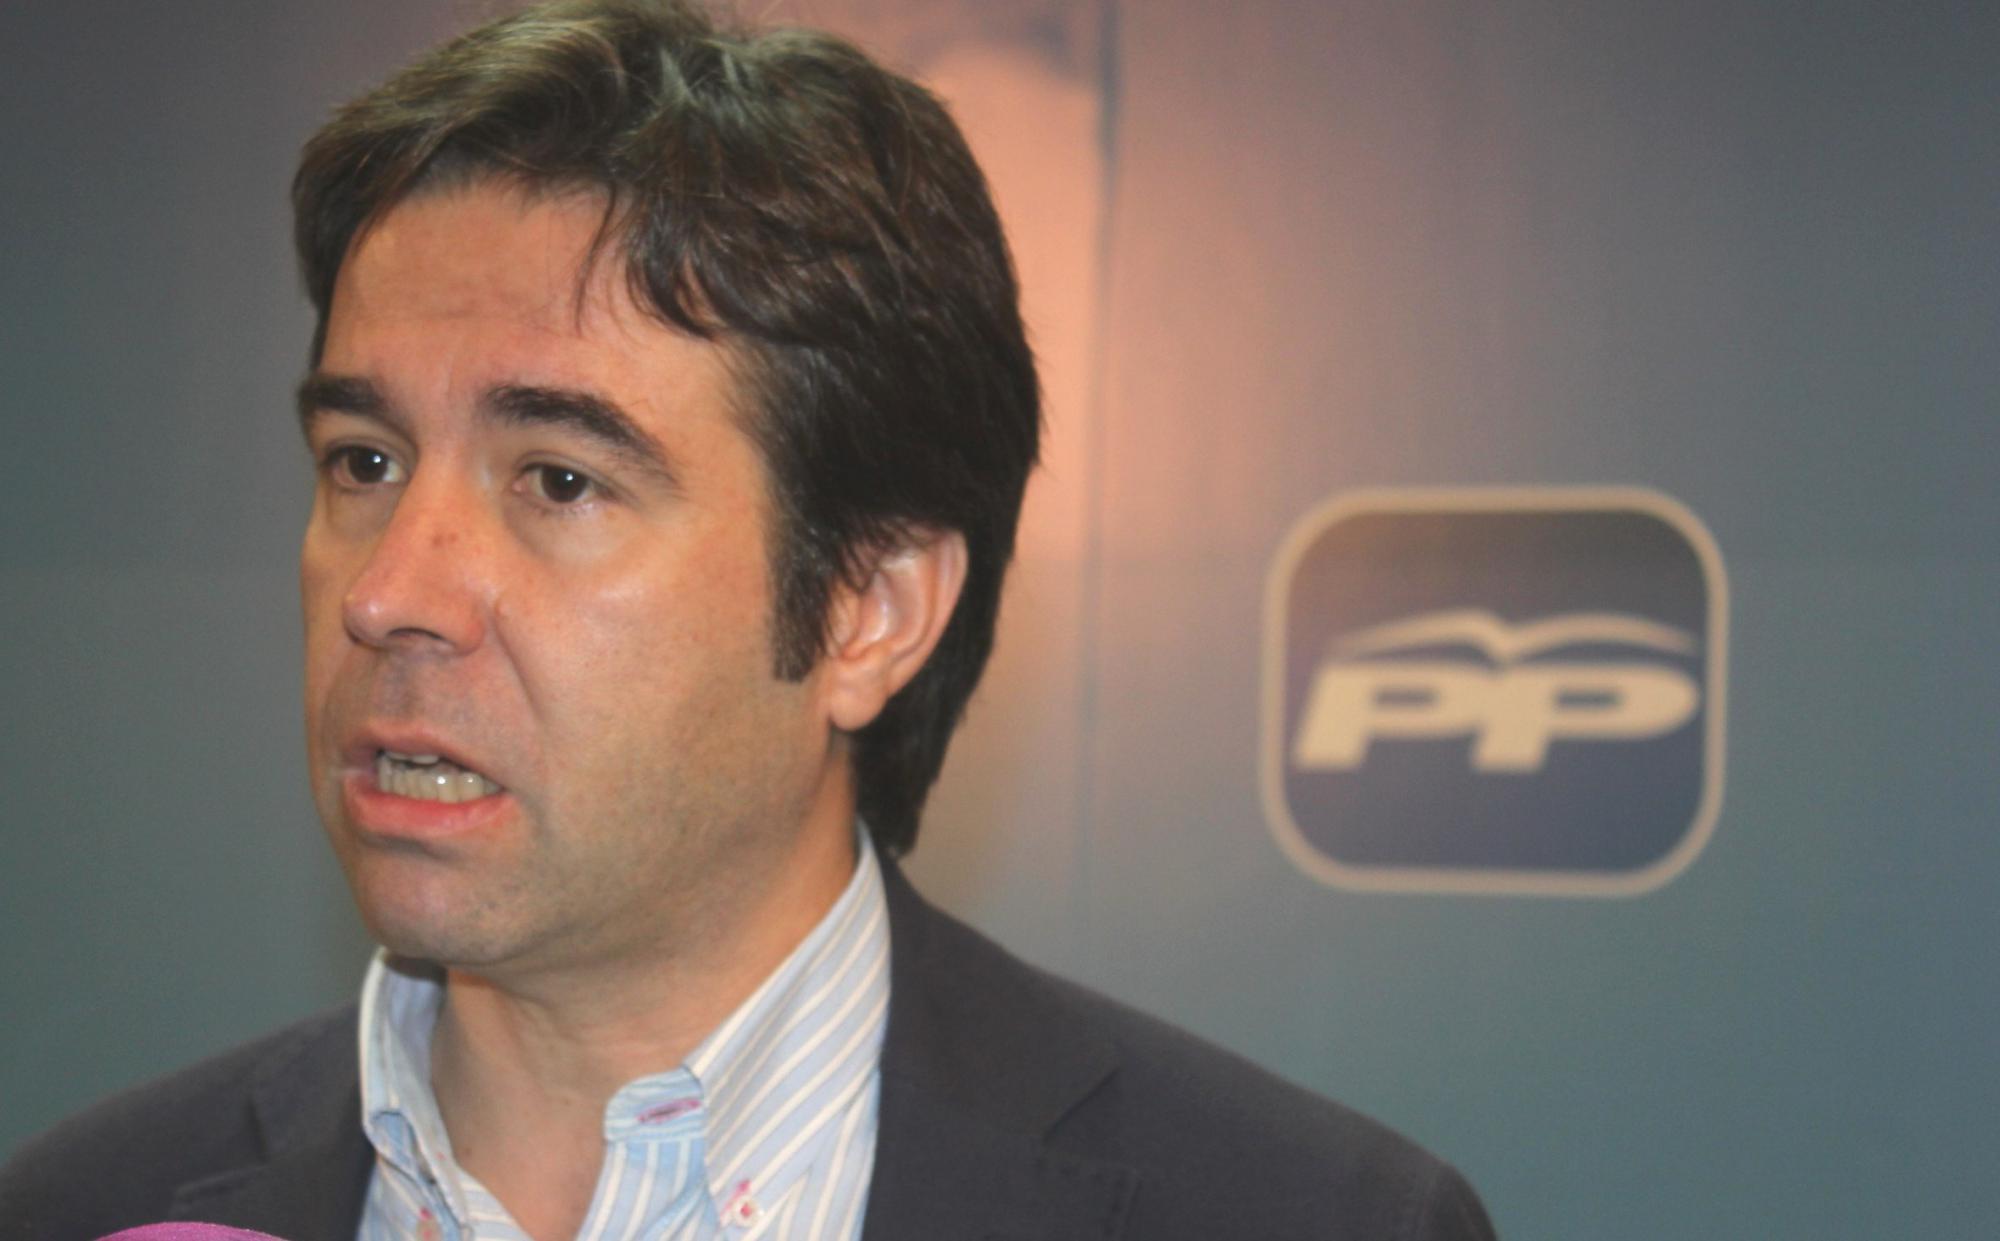 """Robisco: """"Guadalajara no conoce a Page porque Page no quiso conocer Guadalajara cuando gobernaba y esta provincia no existía ni para él ni para el gobierno del PSOE"""""""